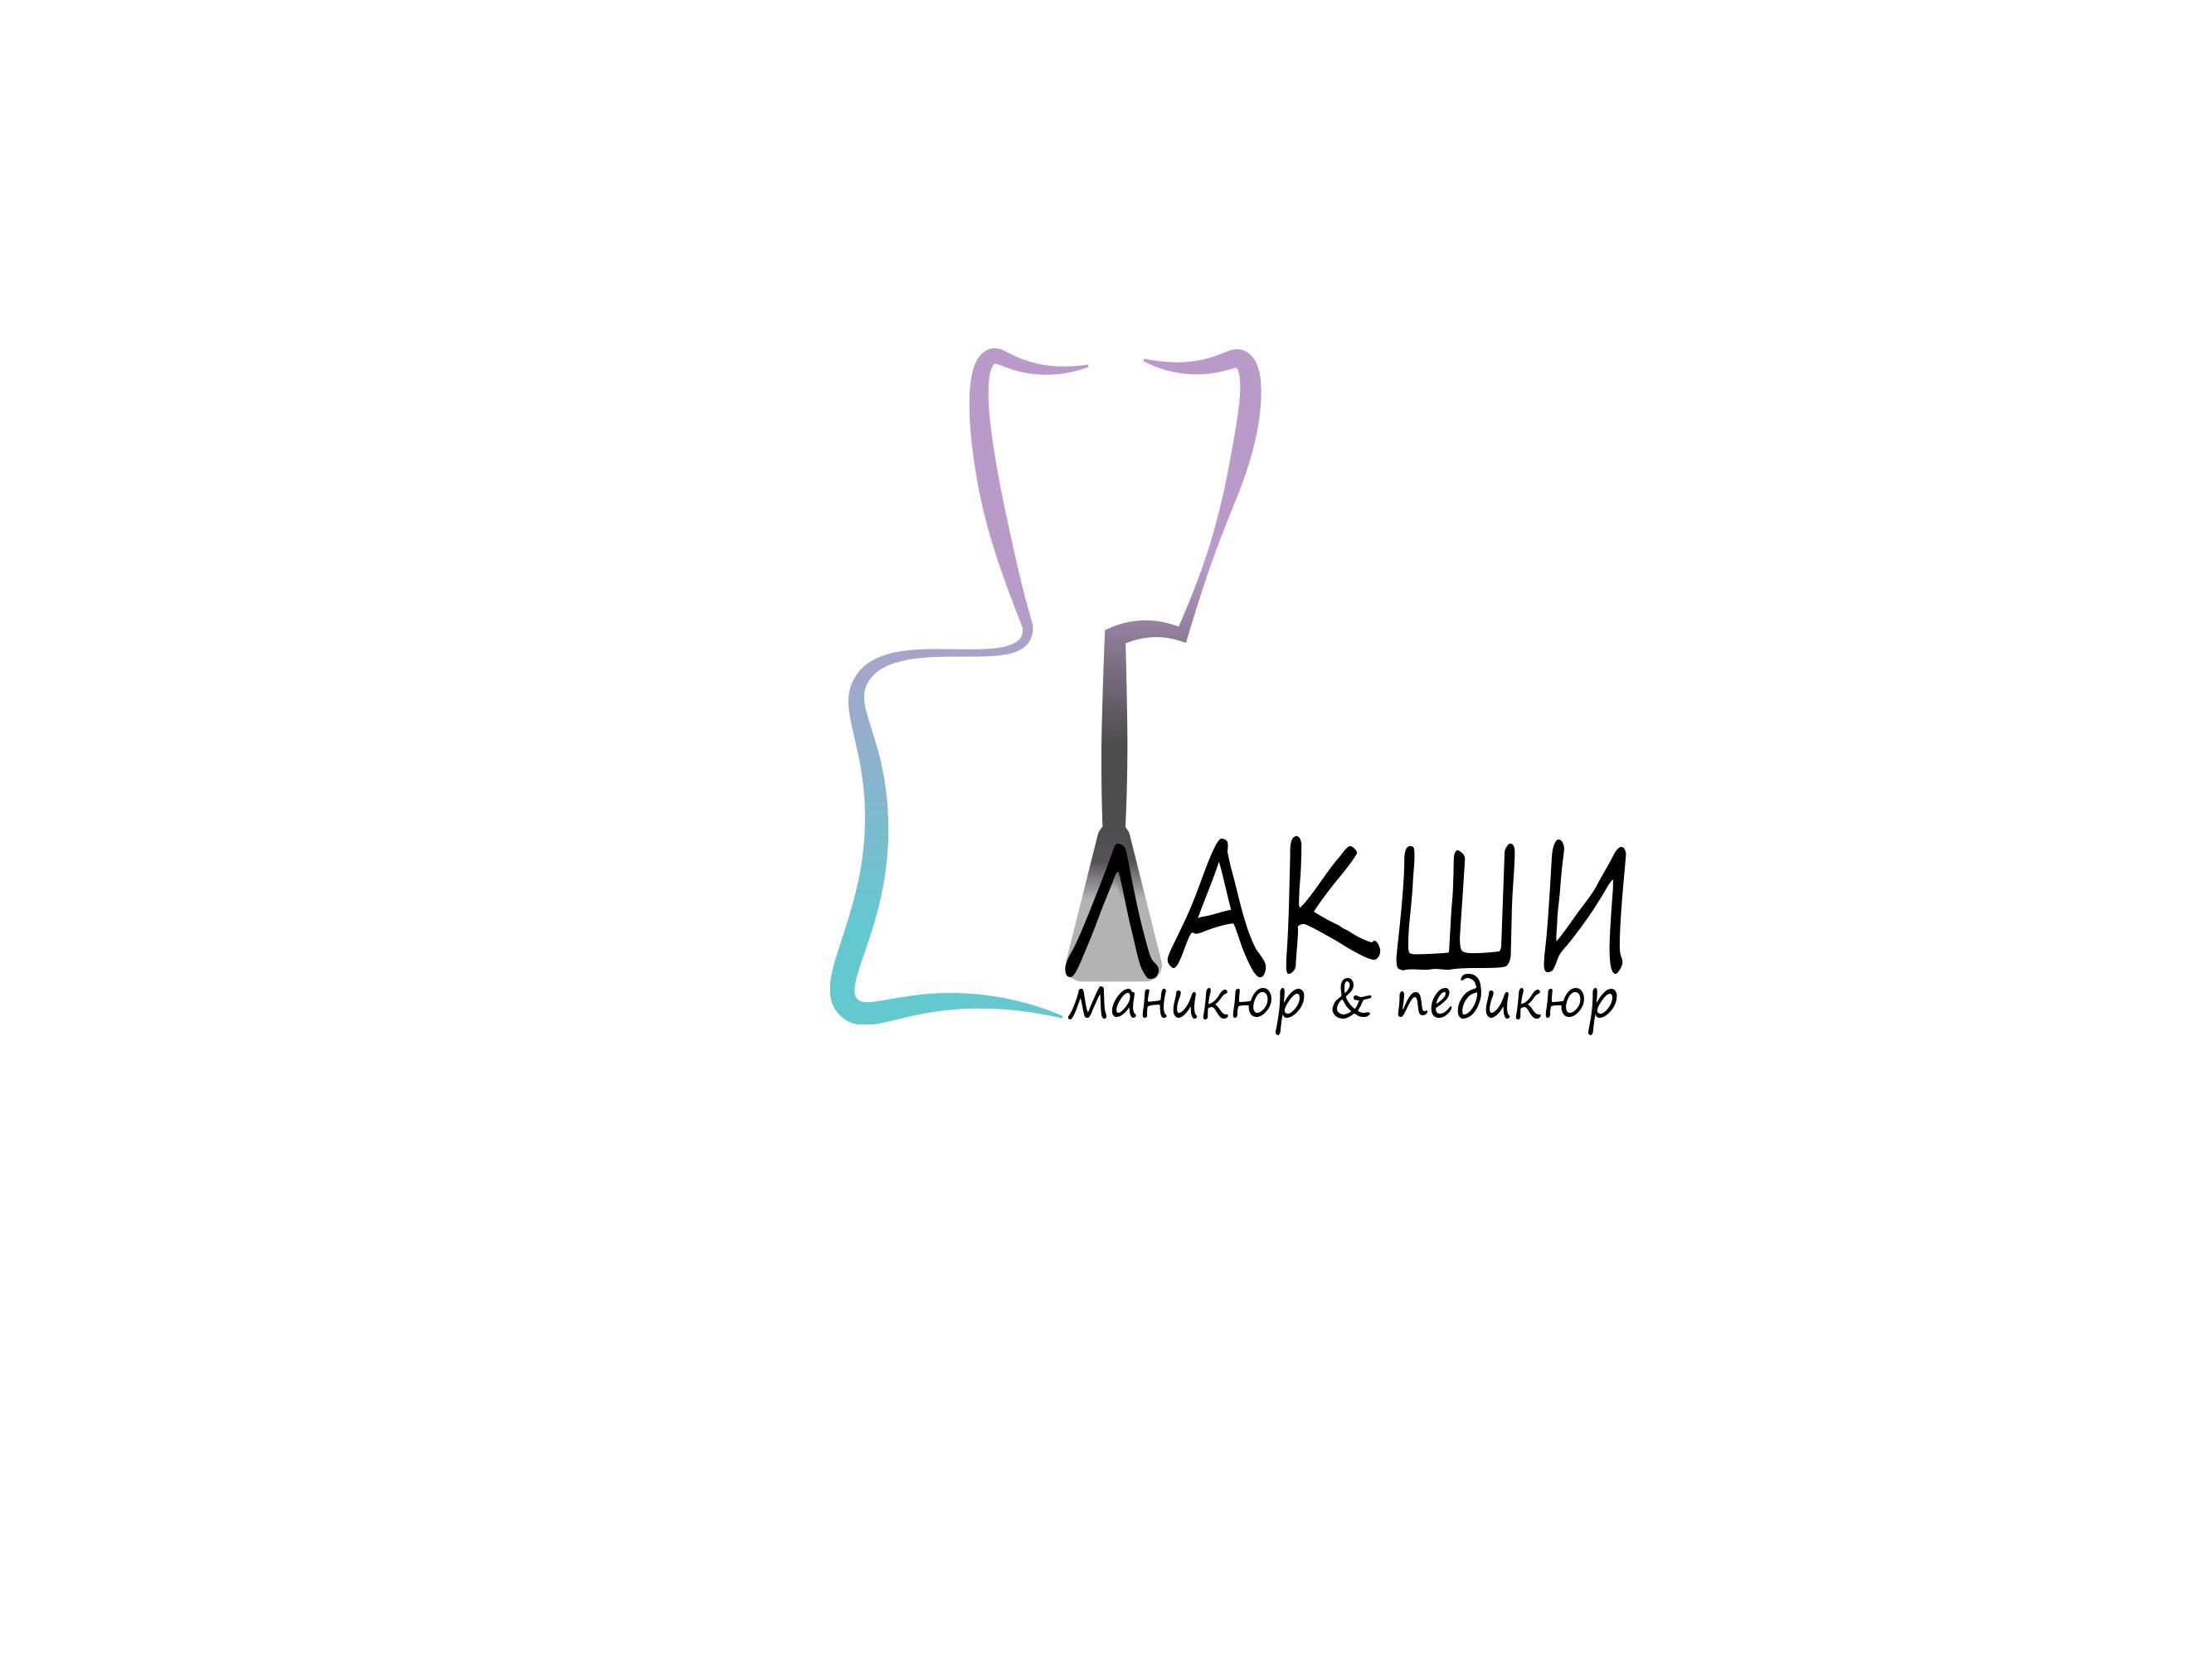 Разработка логотипа фирменного стиля фото f_8095c58264c2f5b8.jpg